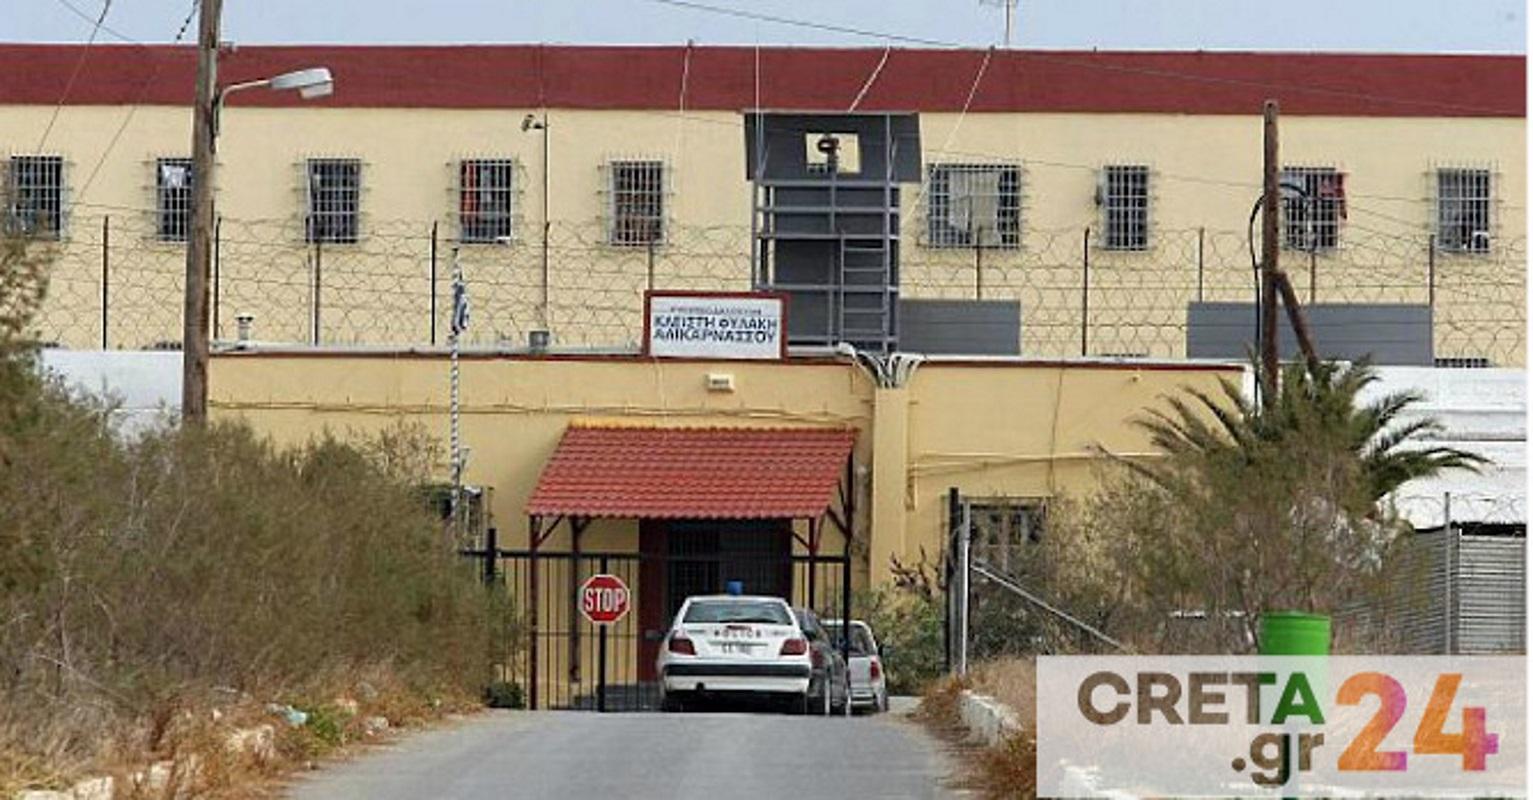 Ηράκλειο: Κρατούμενοι βρέθηκαν θετικοί στον κορονοϊό ενώ ήταν σε καραντίνα